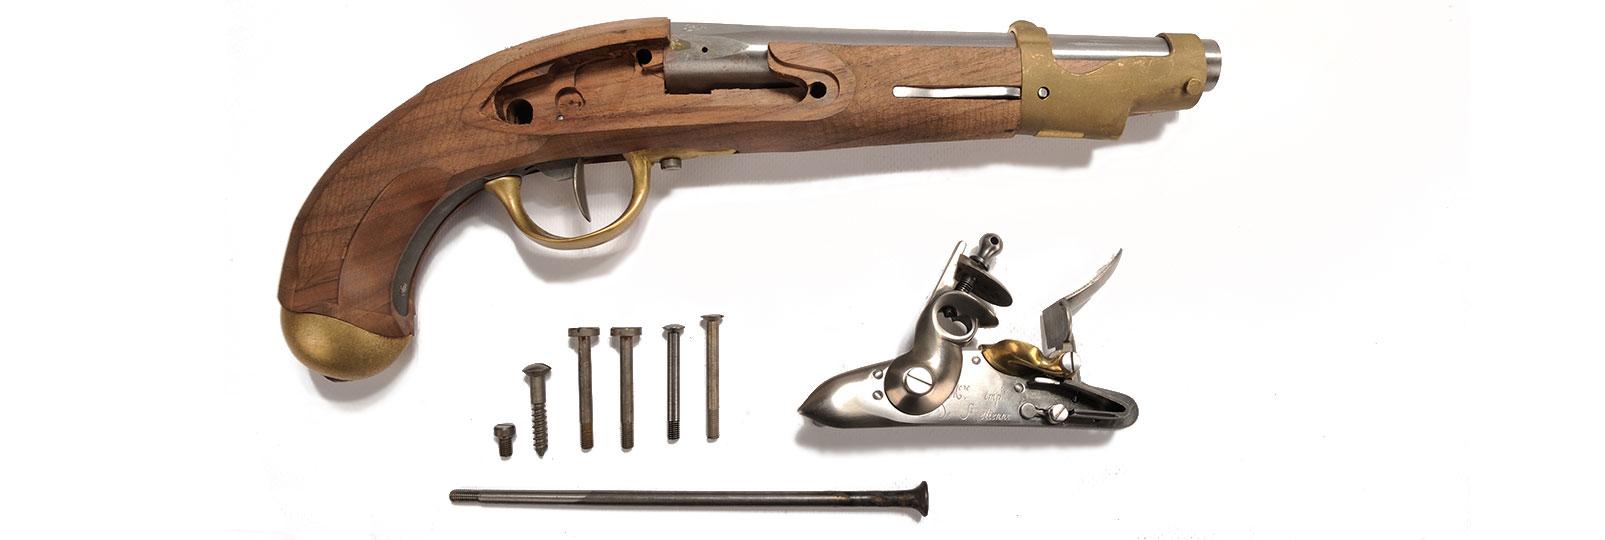 Pistolet An IX Kit